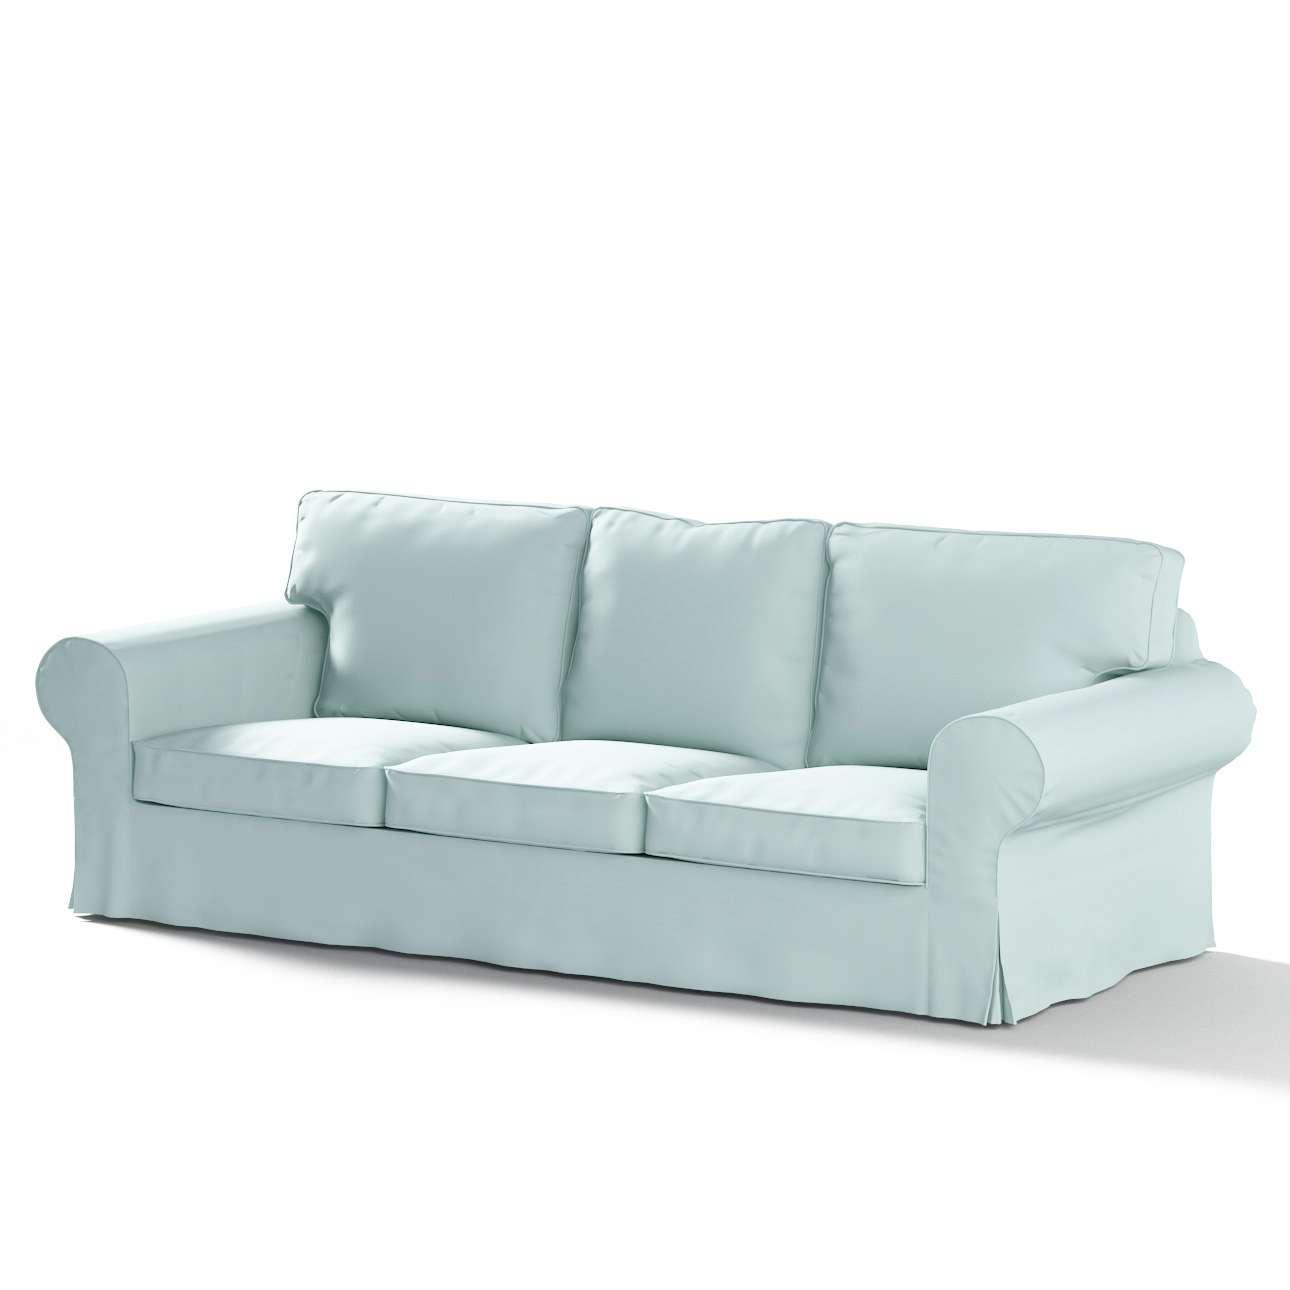 Pokrowiec na sofę Ektorp 3-osobową, rozkładaną STARY MODEL Sofa Ektorp 3-osobowa rozkładana w kolekcji Cotton Panama, tkanina: 702-10